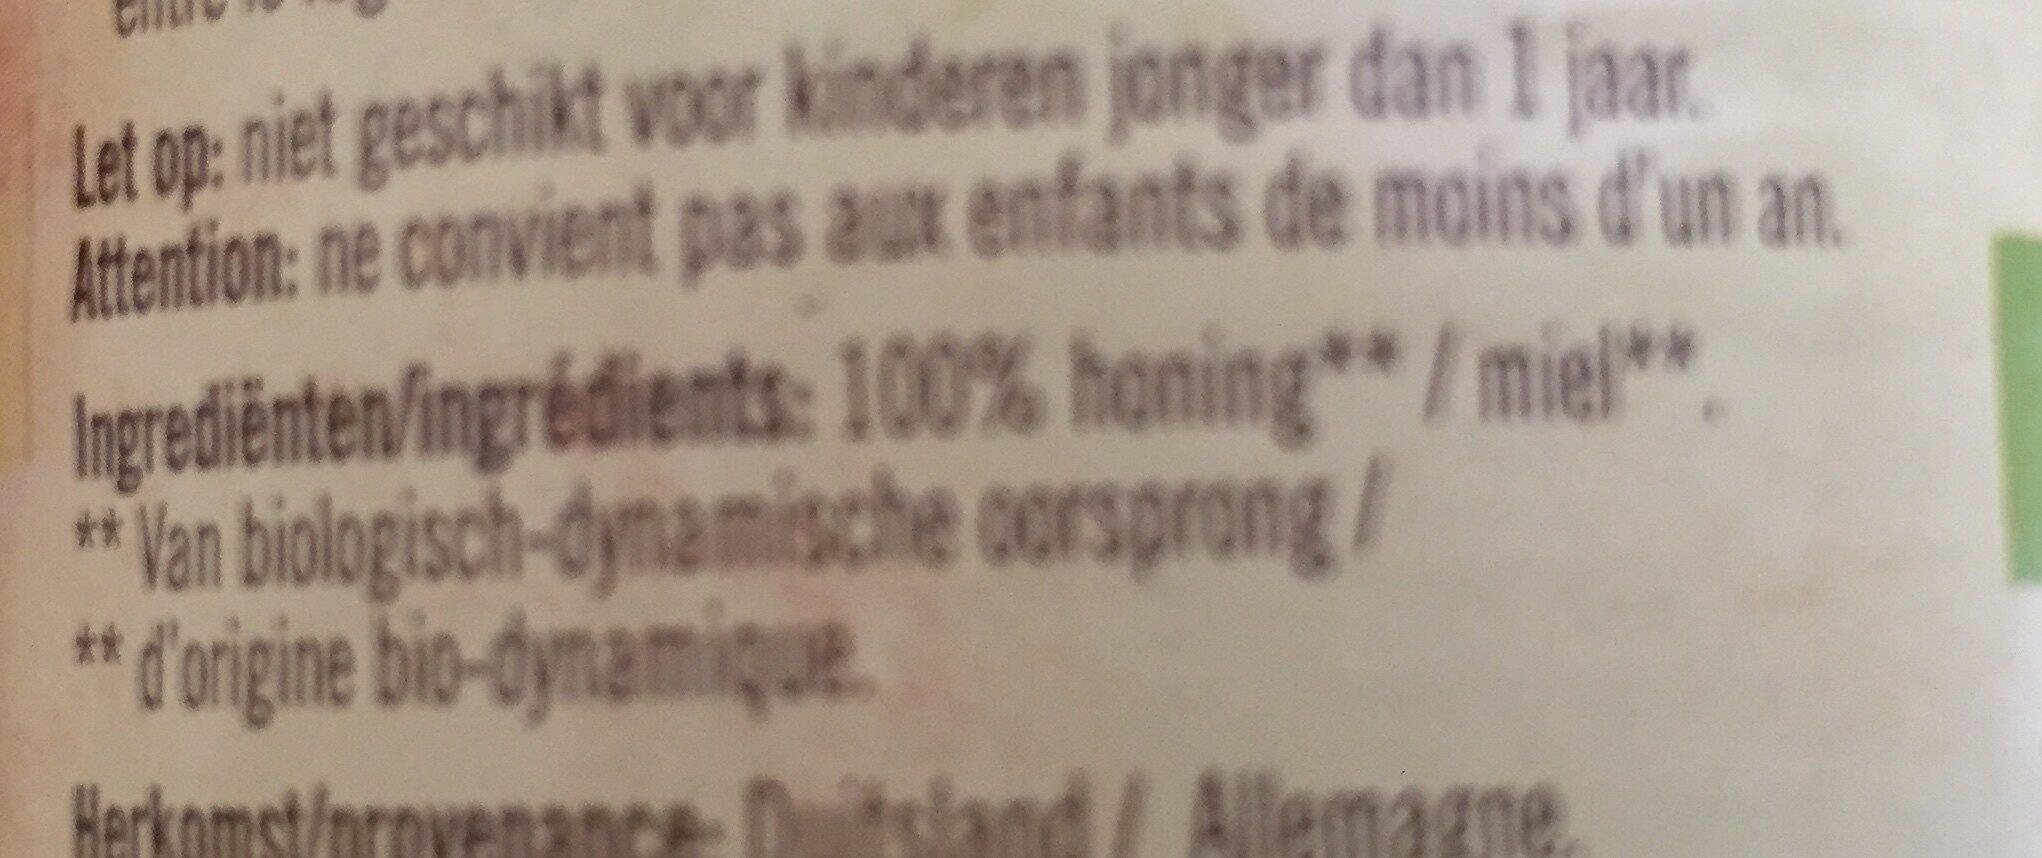 Miel cremeux aux fleurs - Ingrediënten - nl